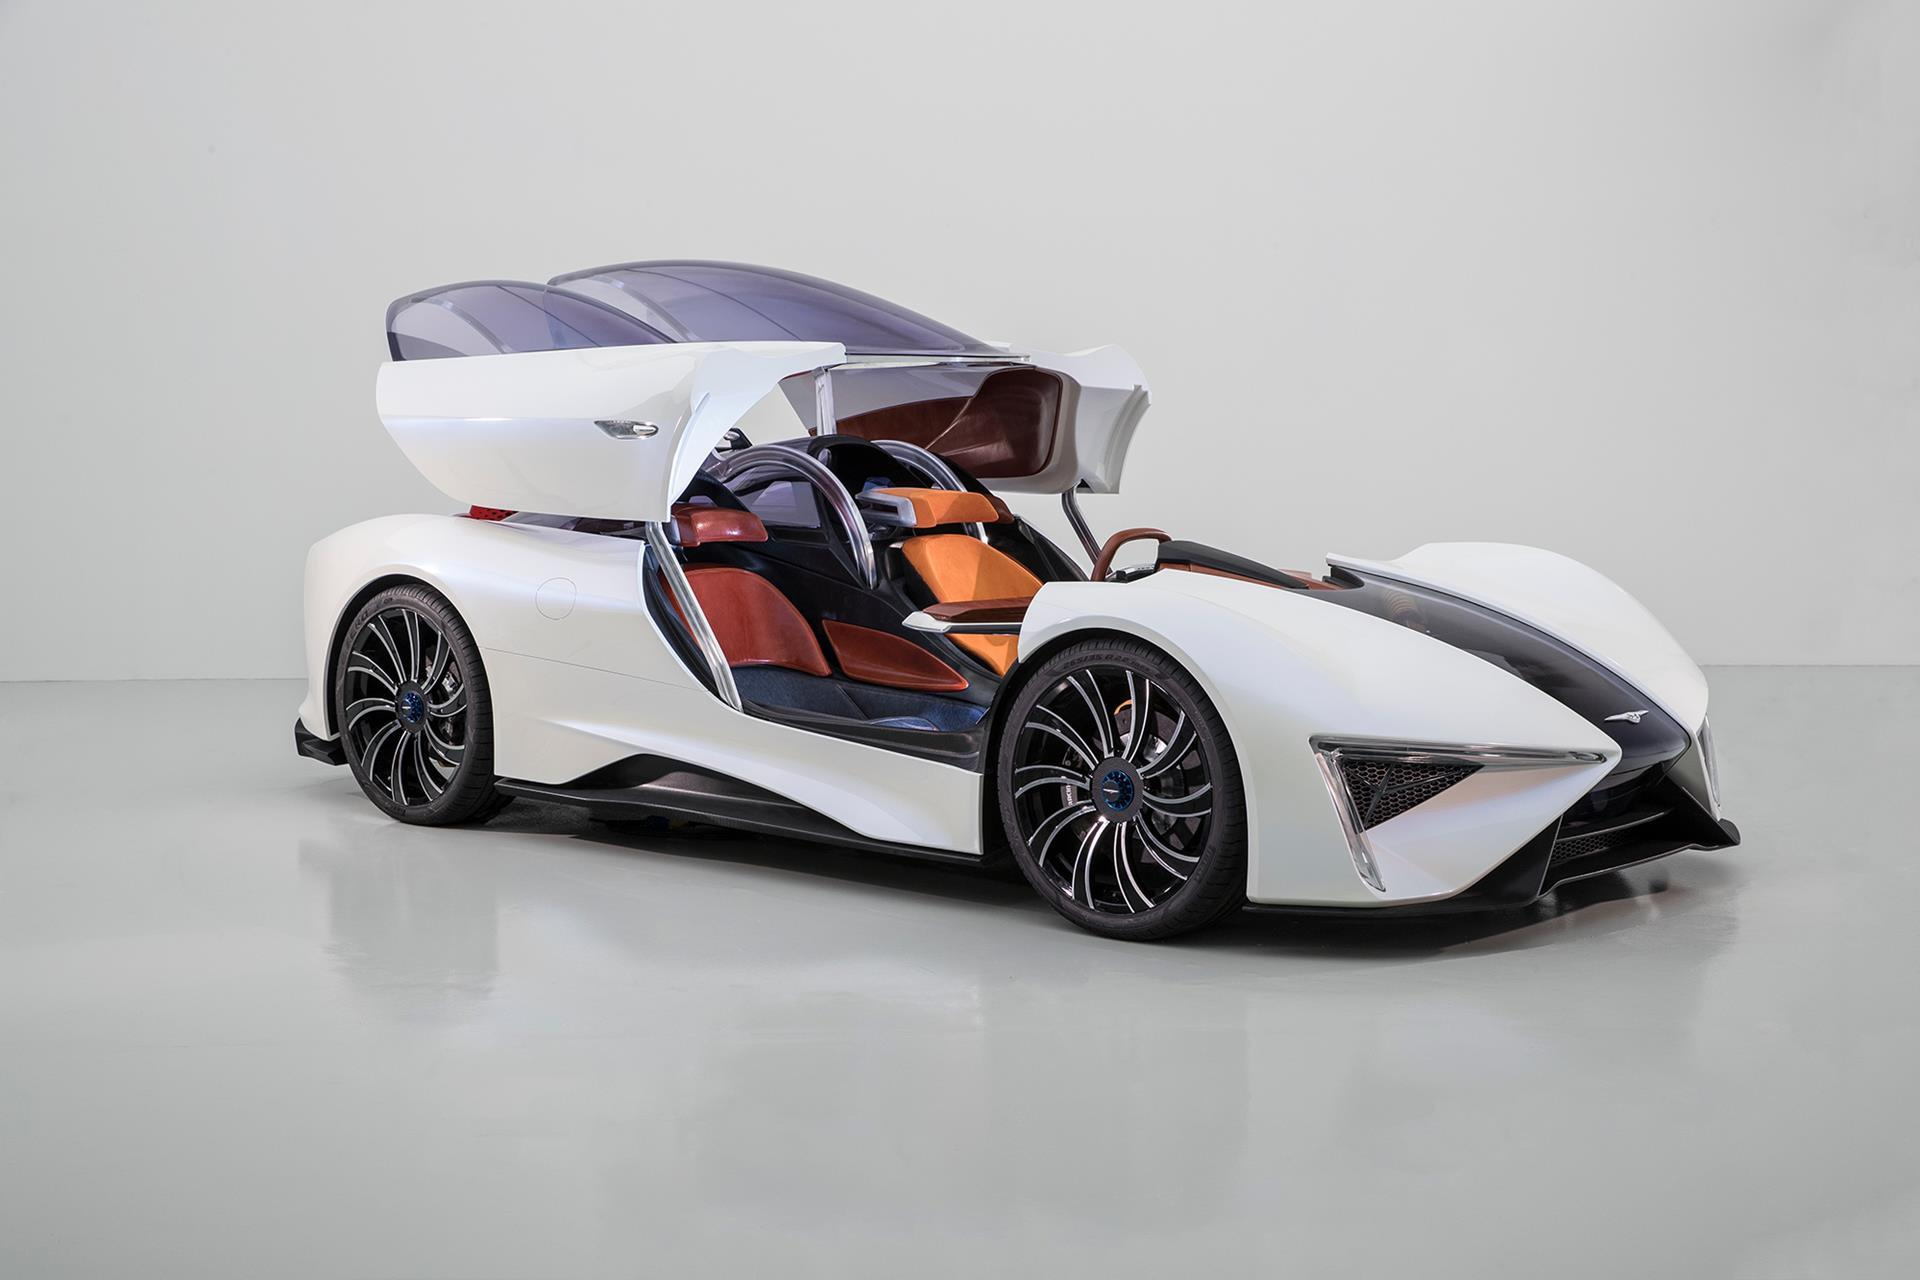 2017 Techrules Ren SUPERCAR Concept Image